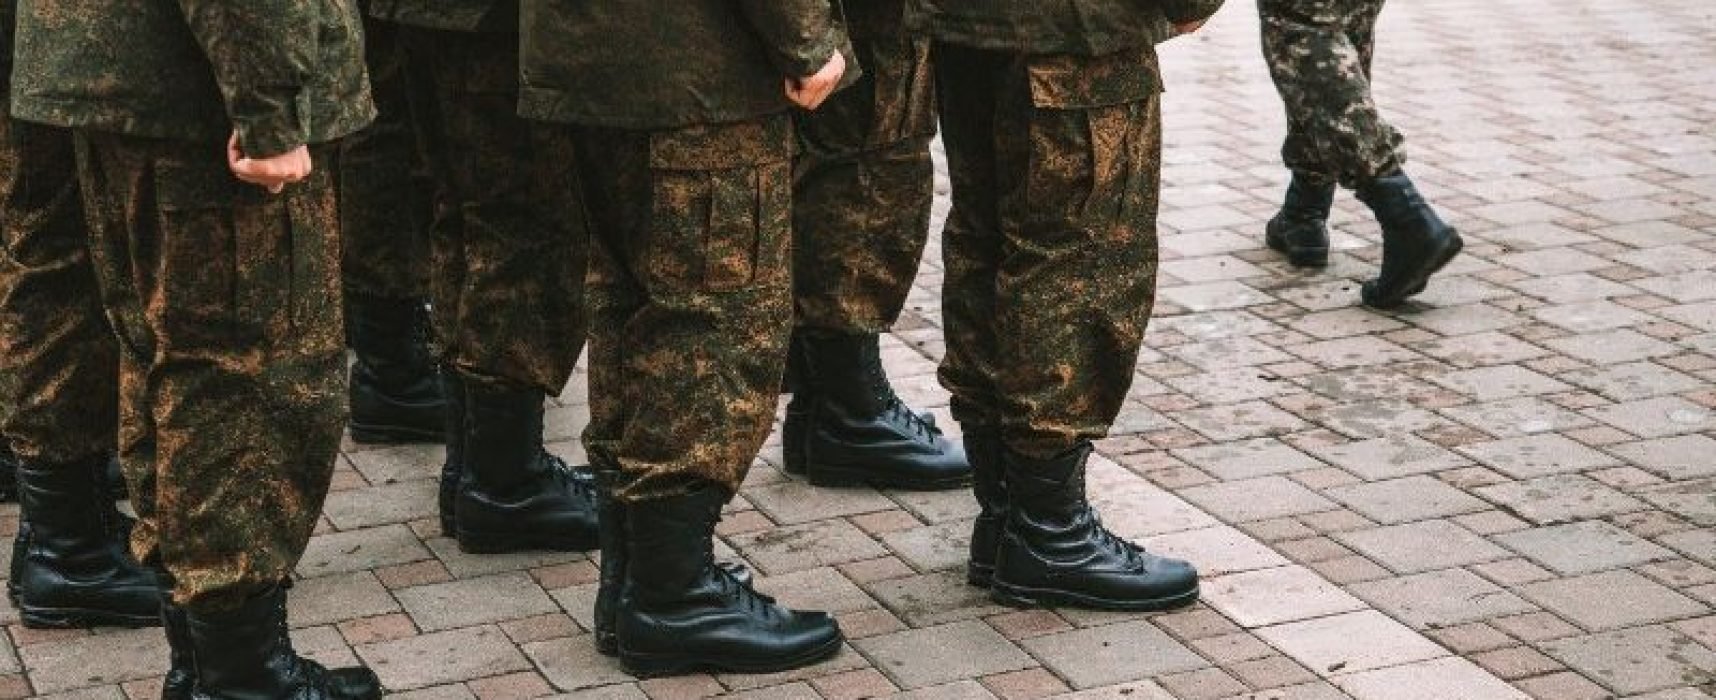 Фейк Минобороны РФ: в российской армии полностью искоренили дедовщину